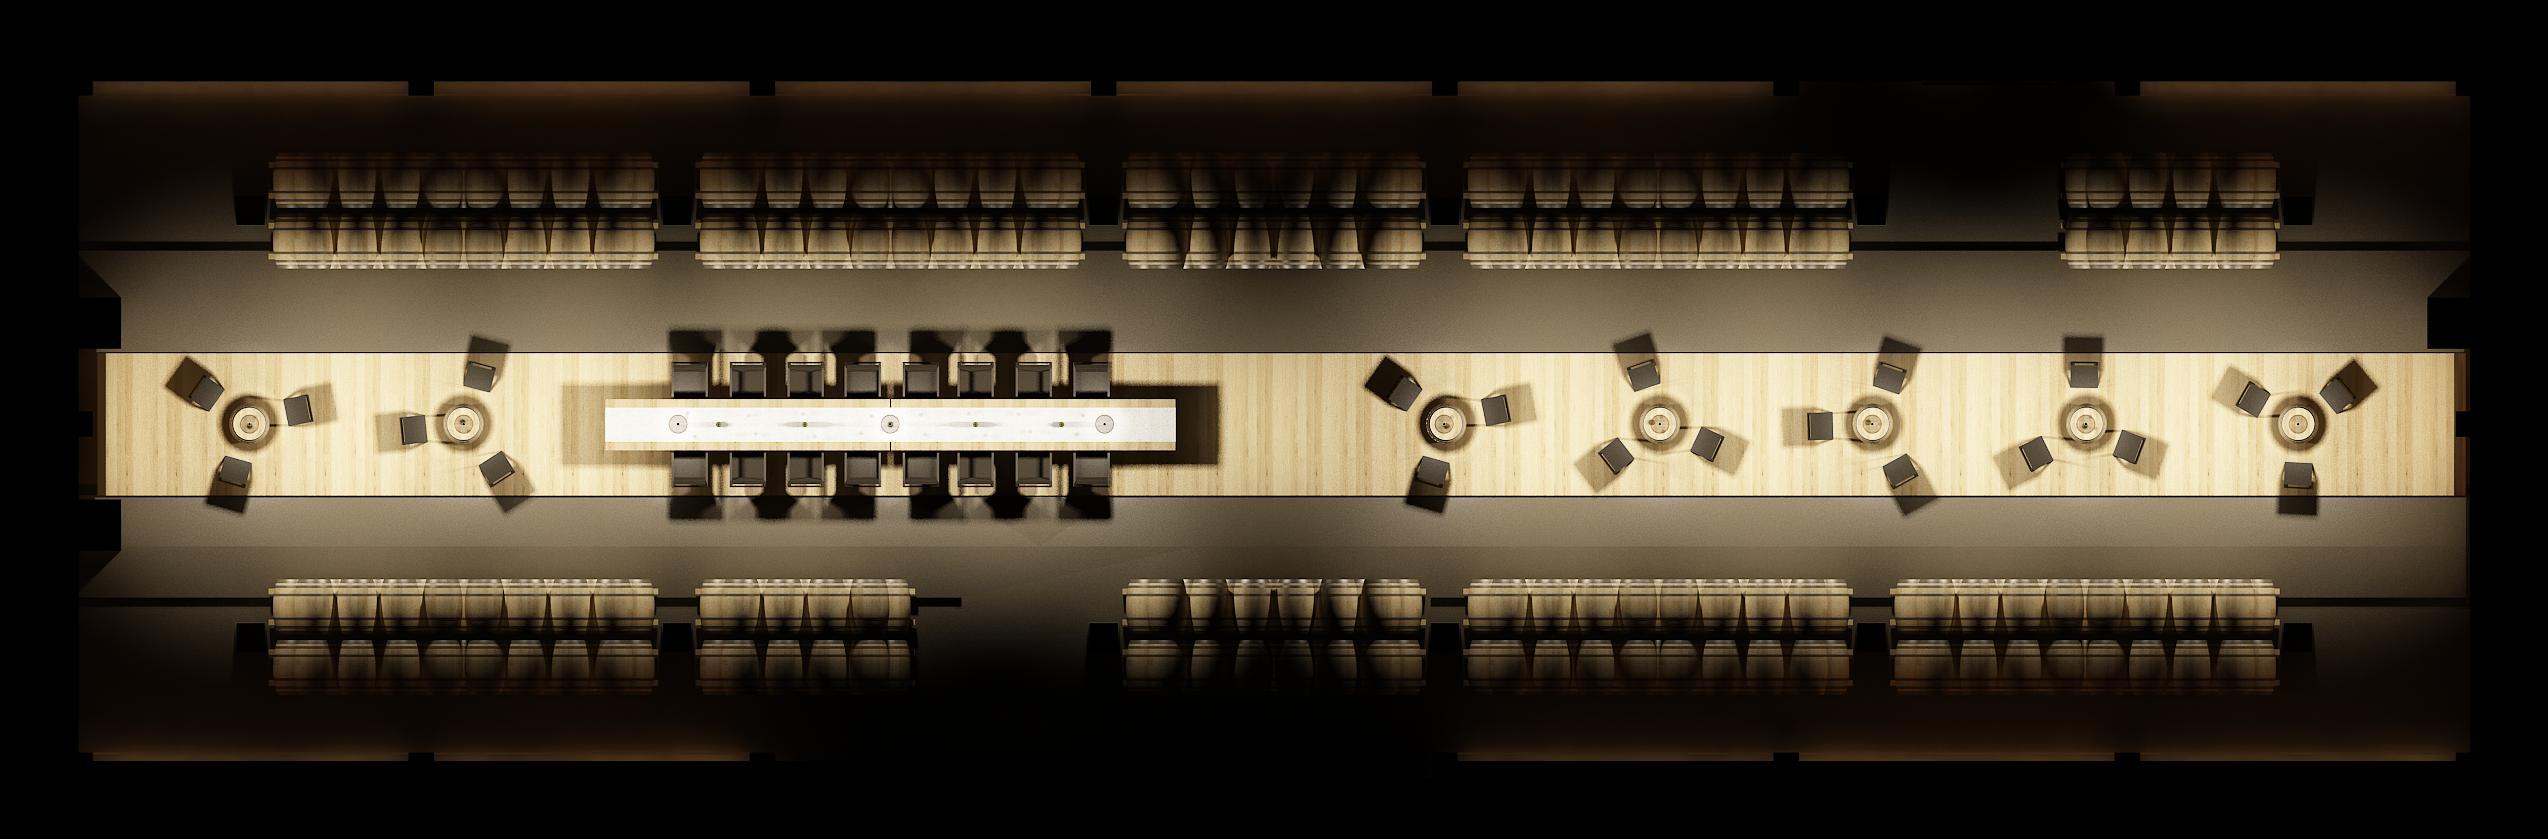 Interiér vínnej pivnice Pezinok 06